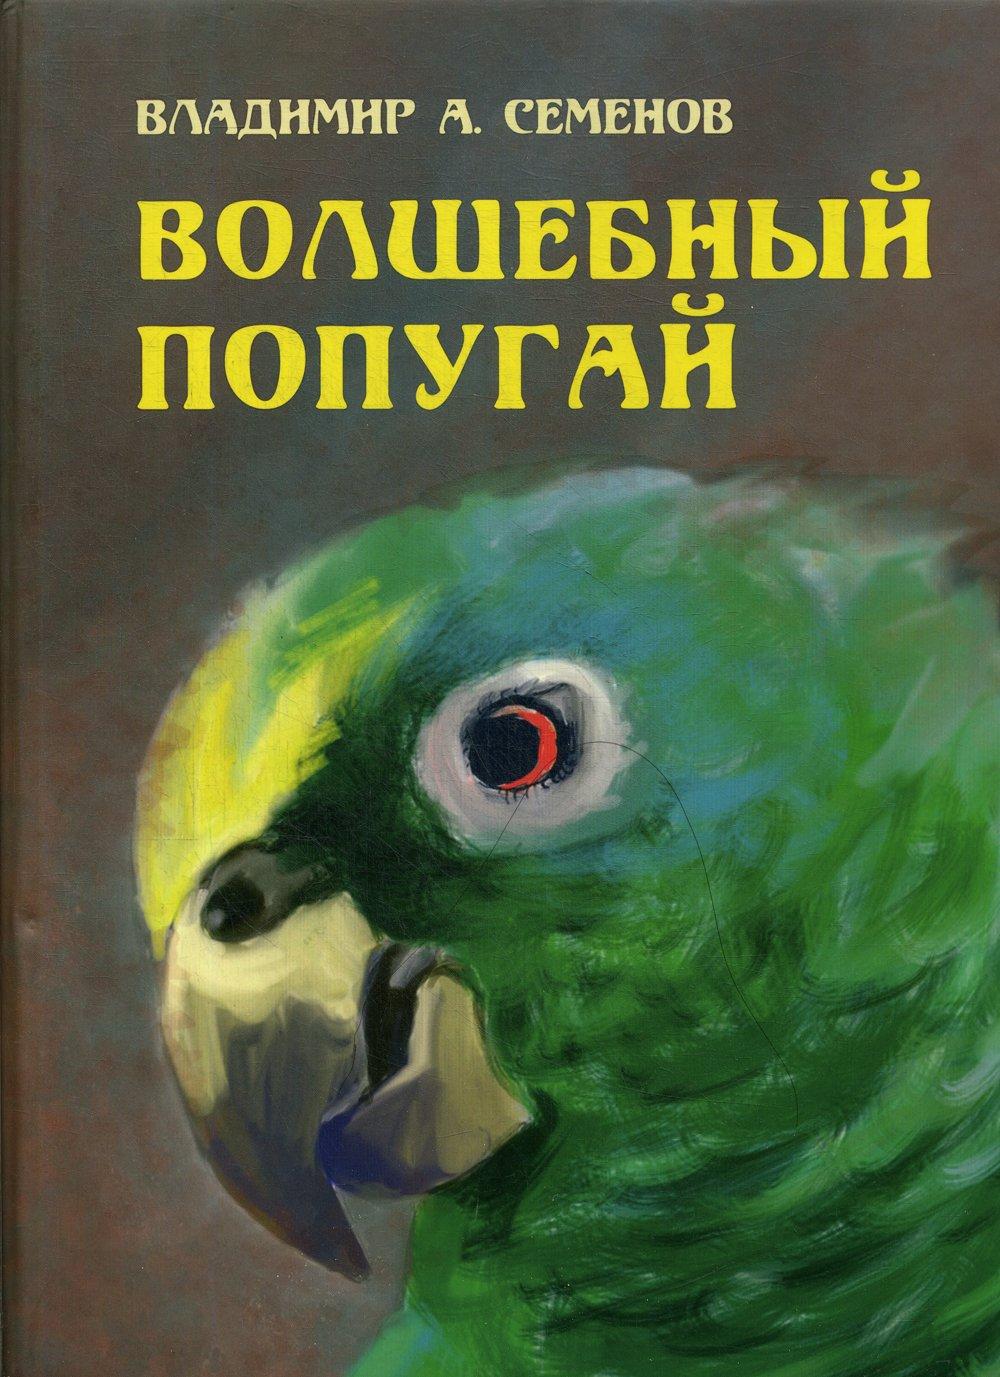 Волшебный попугай ( Семенов В А  )